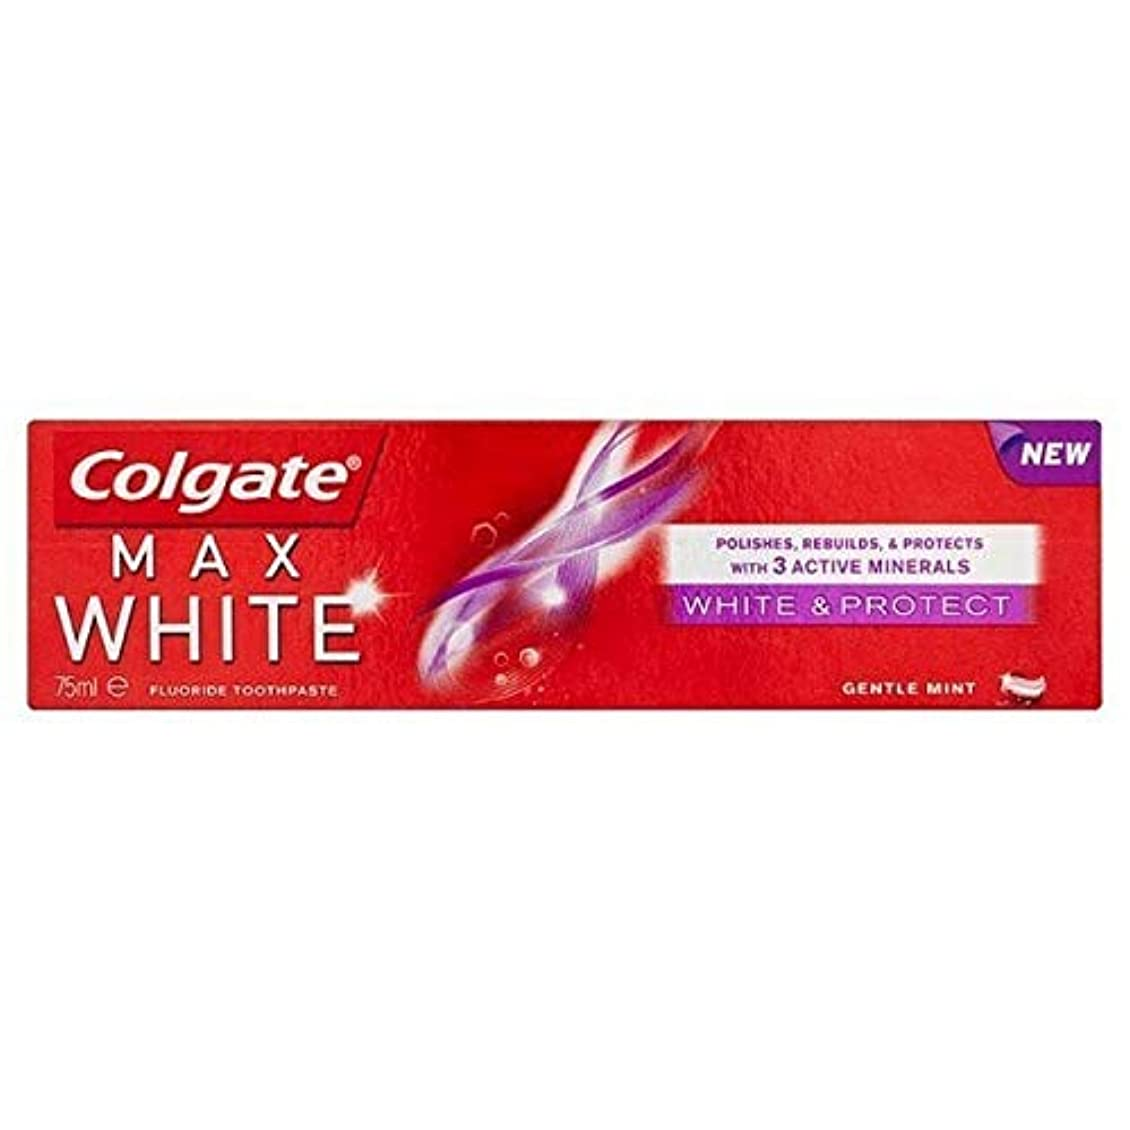 修道院レモン平均[Colgate ] コルゲートマックスホワイトホワイトニング&歯磨き粉75ミリリットルを保護 - Colgate Max White Whitening & Protect Toothpaste 75ml [並行輸入品]